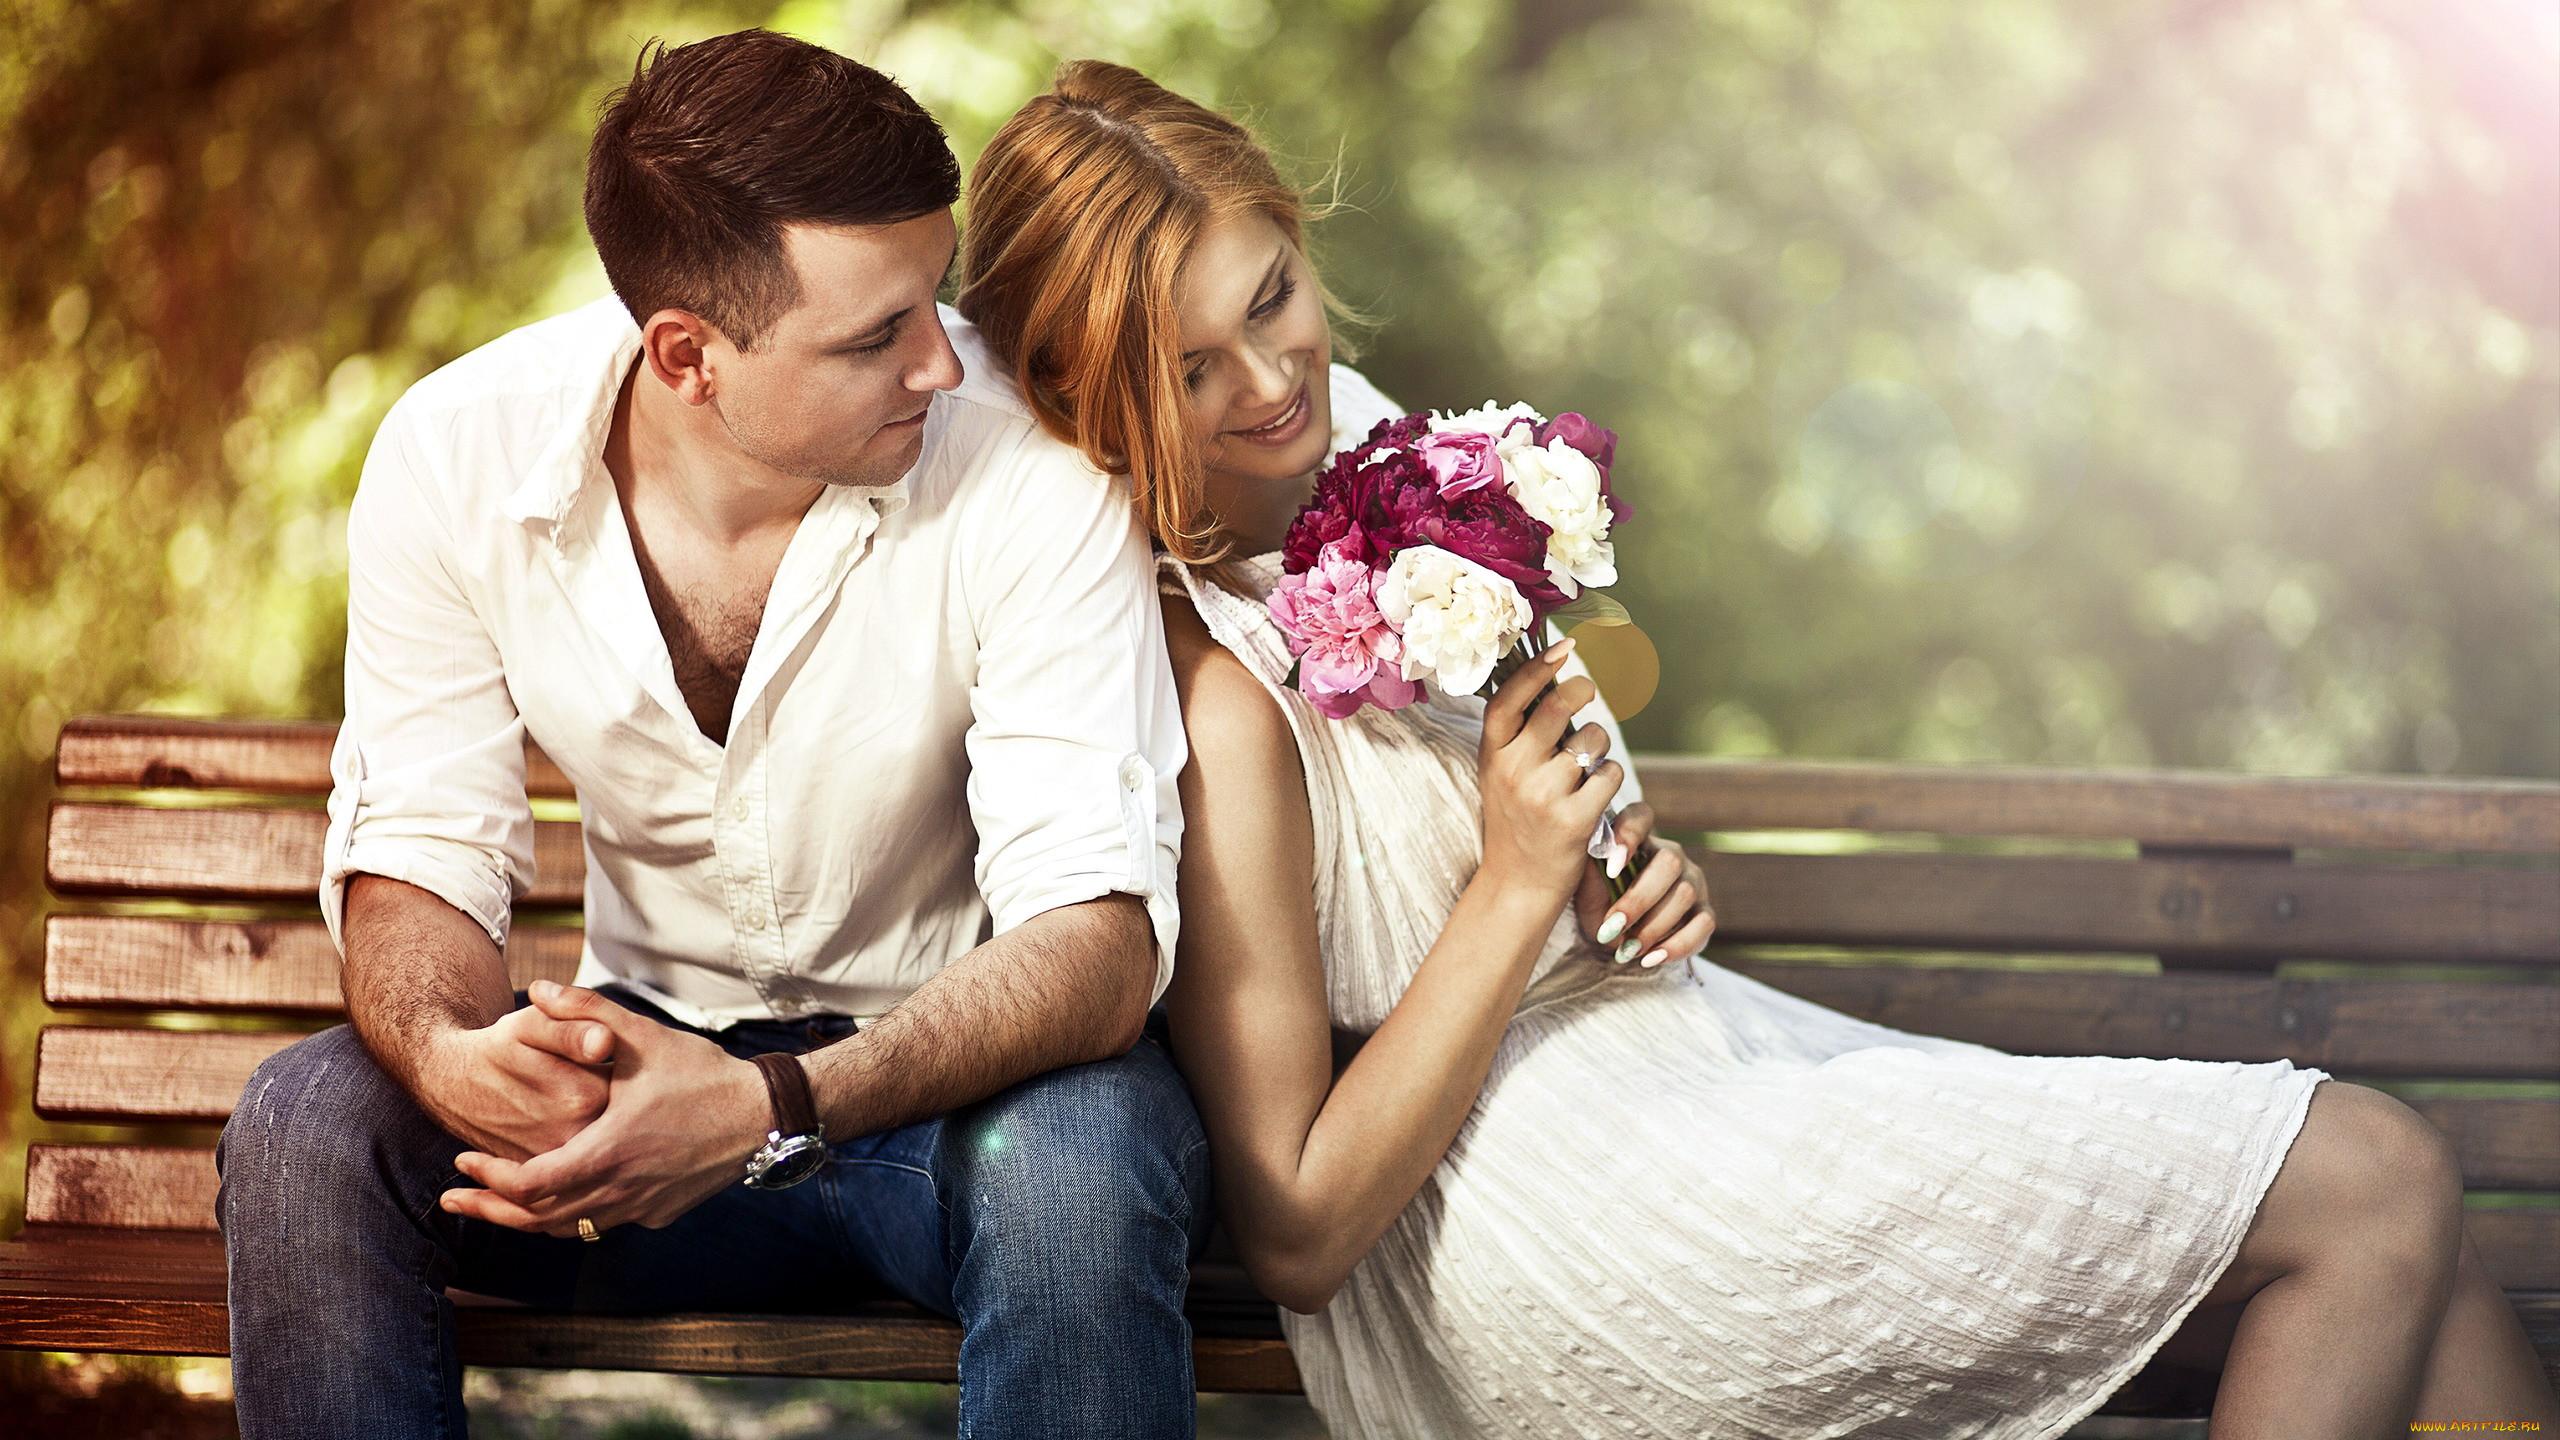 Картинки влюбленных мужчина и женщина